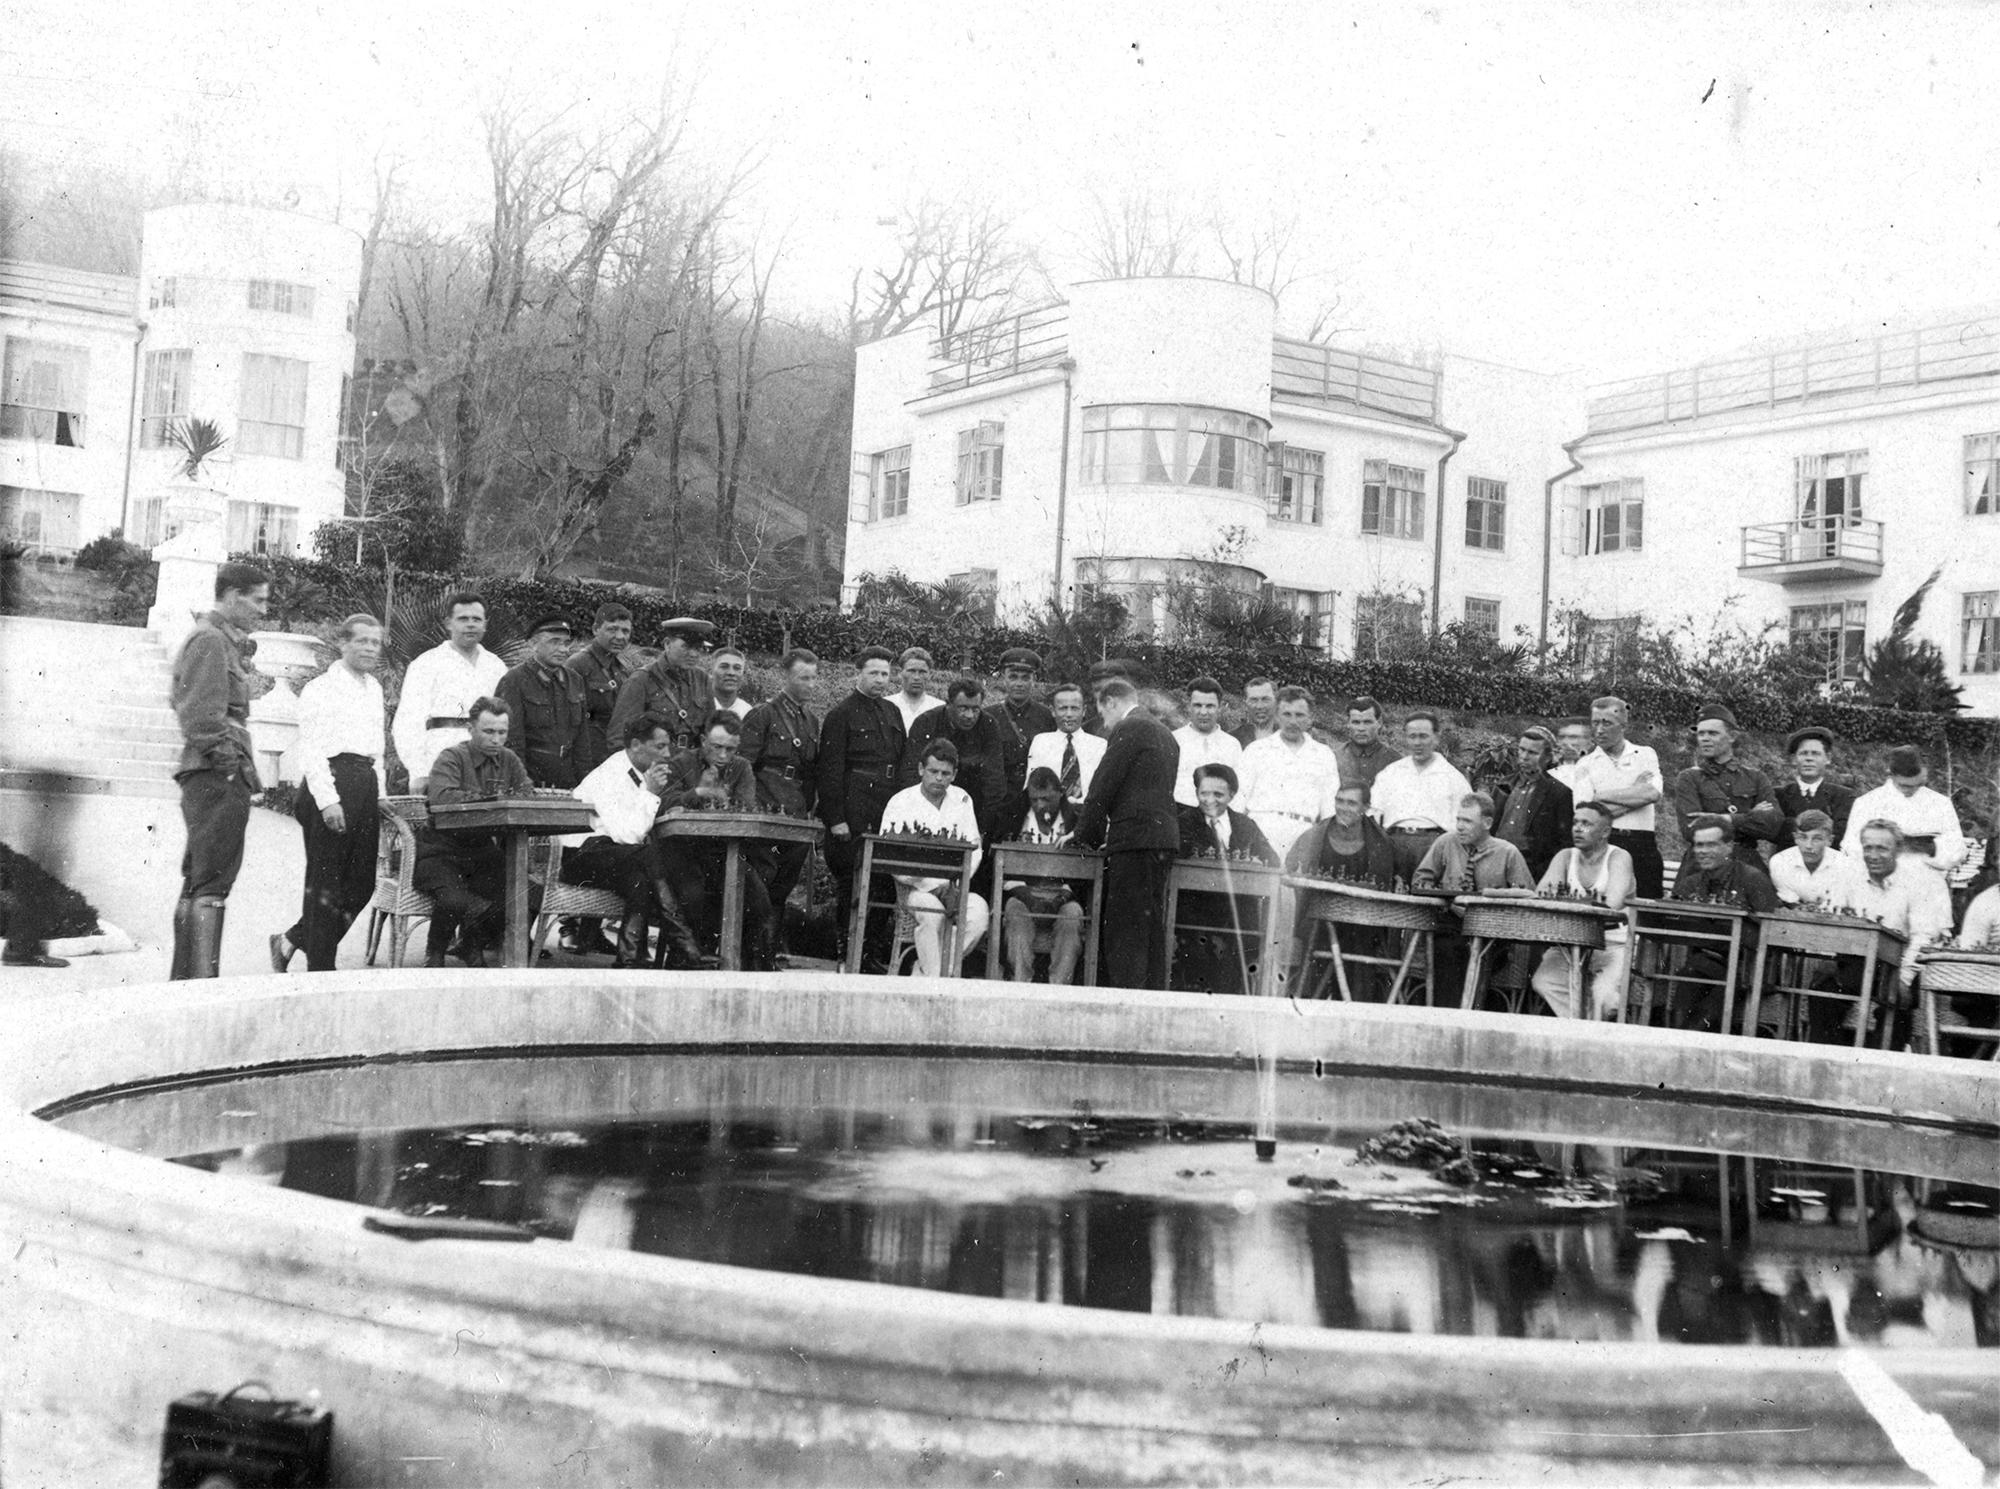 1938. Шахматный турнир. Сочи. Санаторий НКВД №4